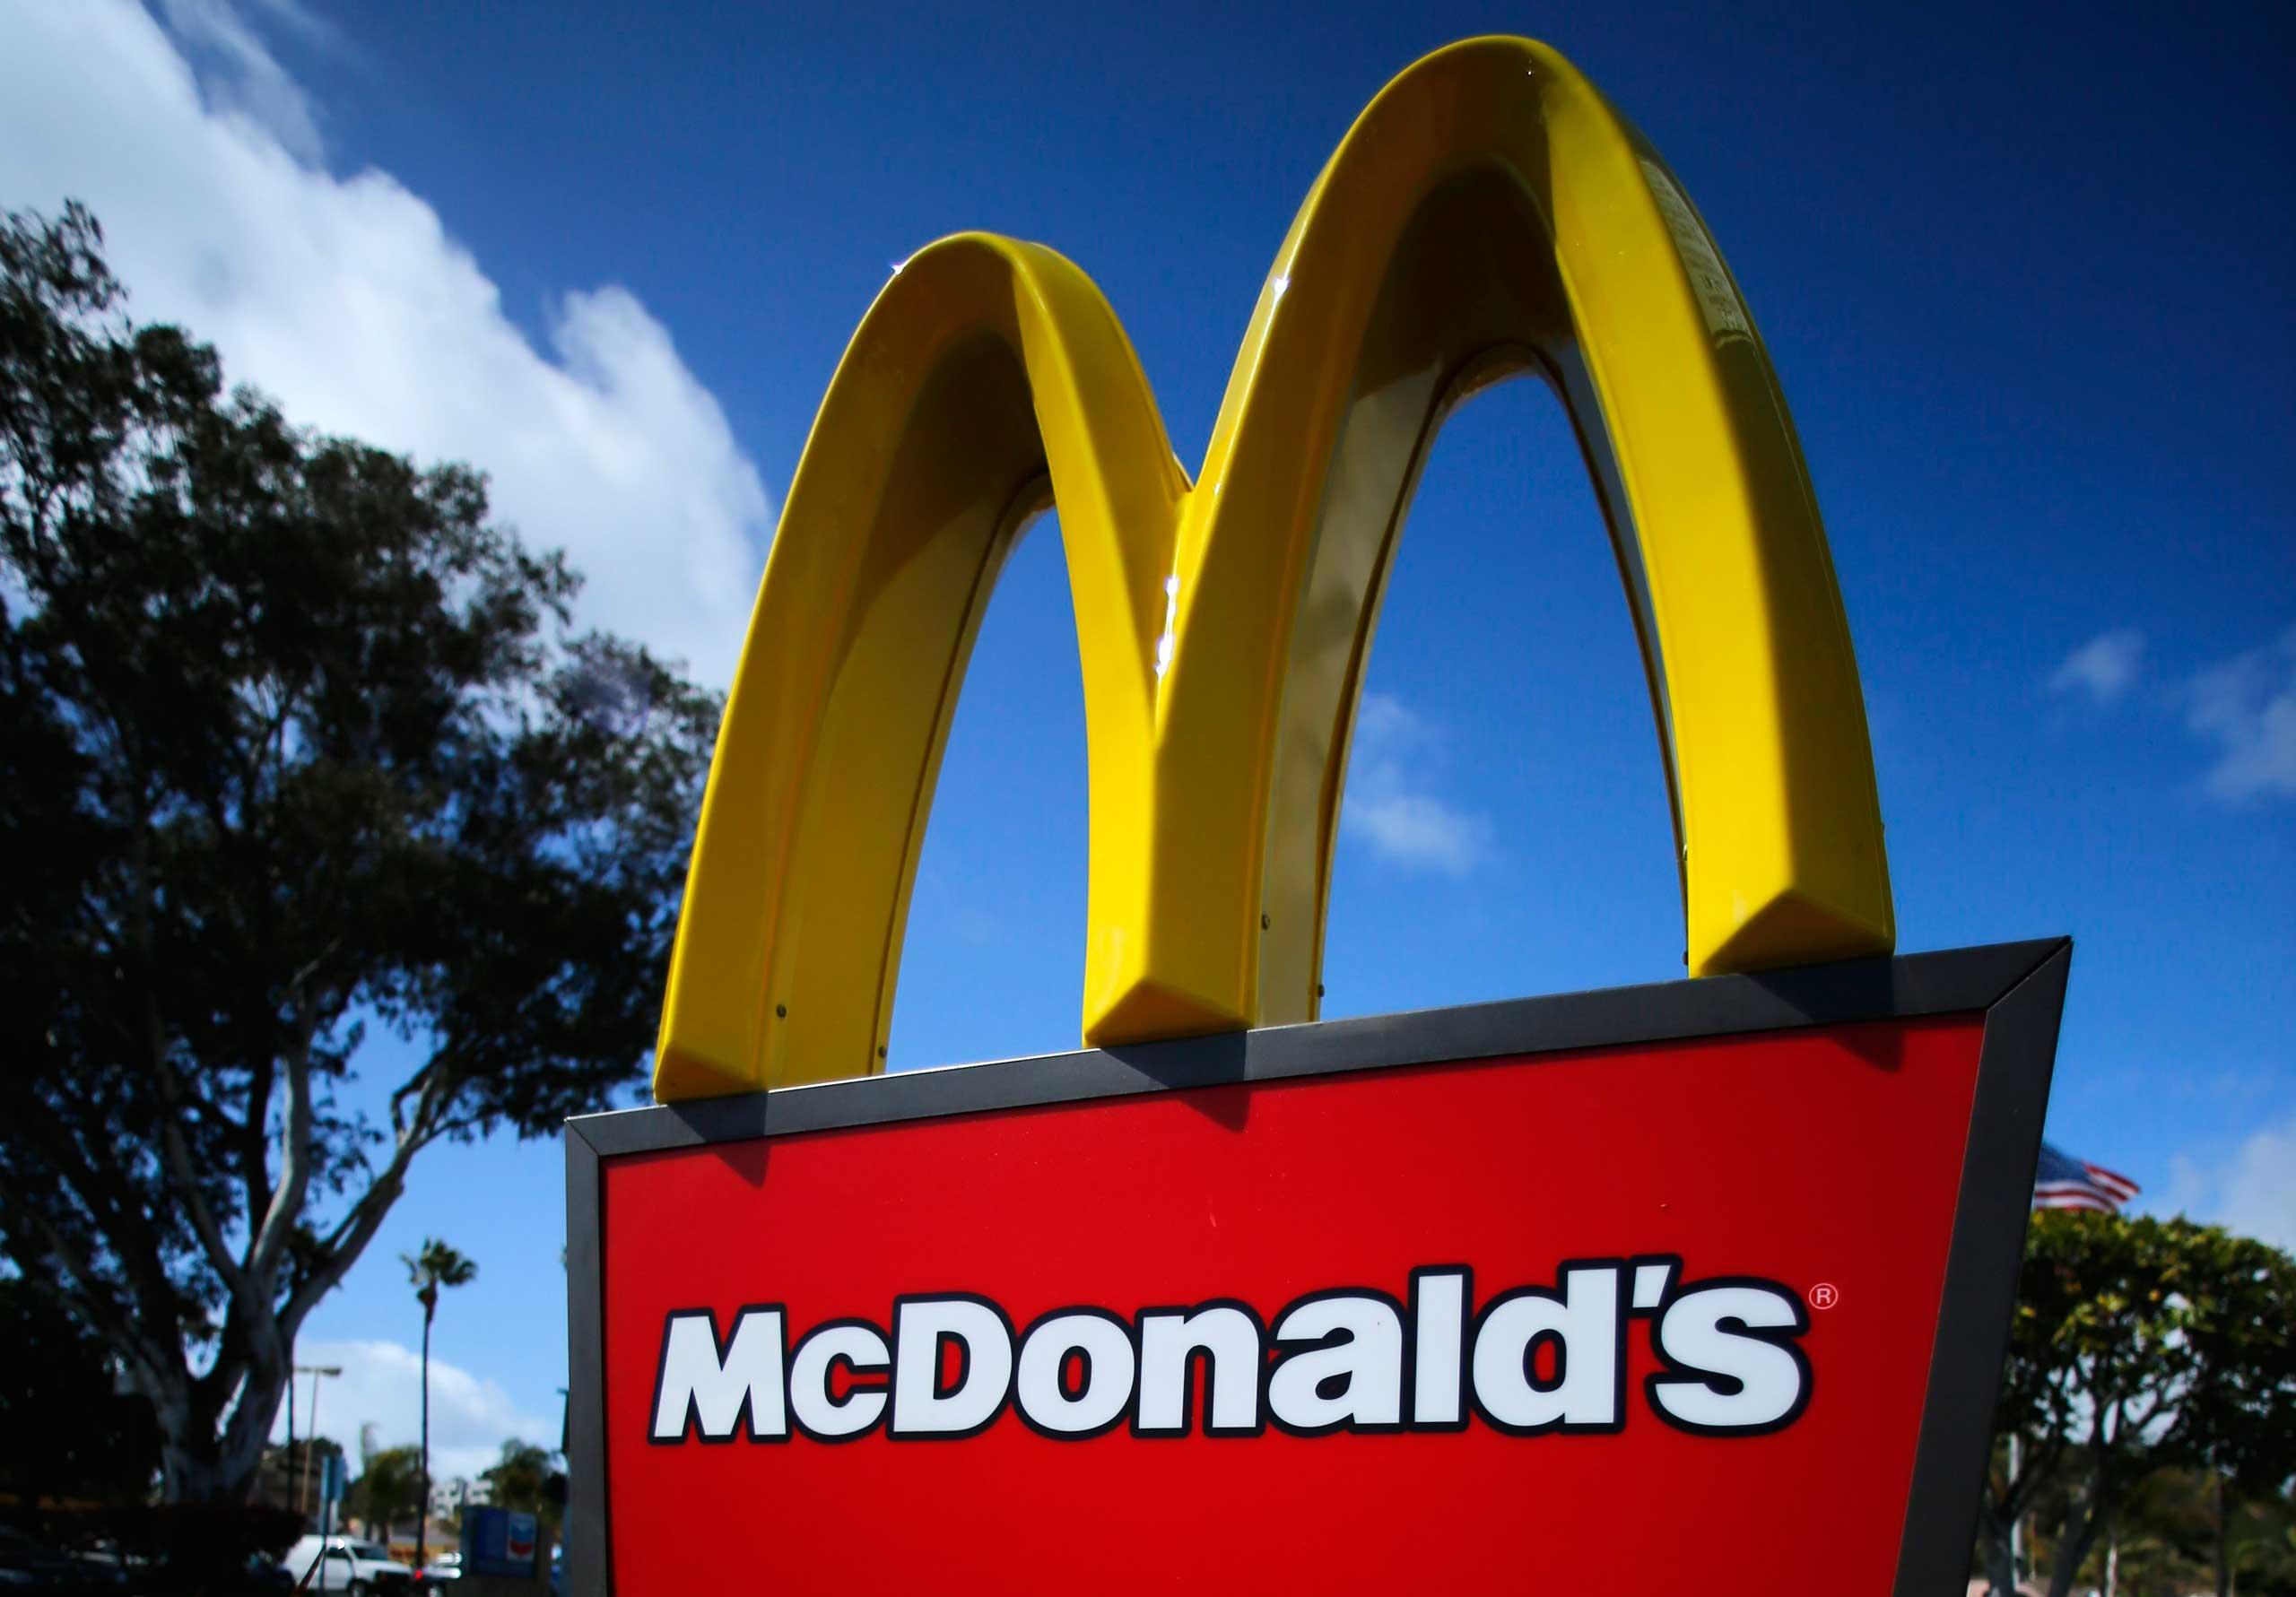 A McDonald's restaurant sign is seen at a McDonald's restaurant in Del Mar, Calif.